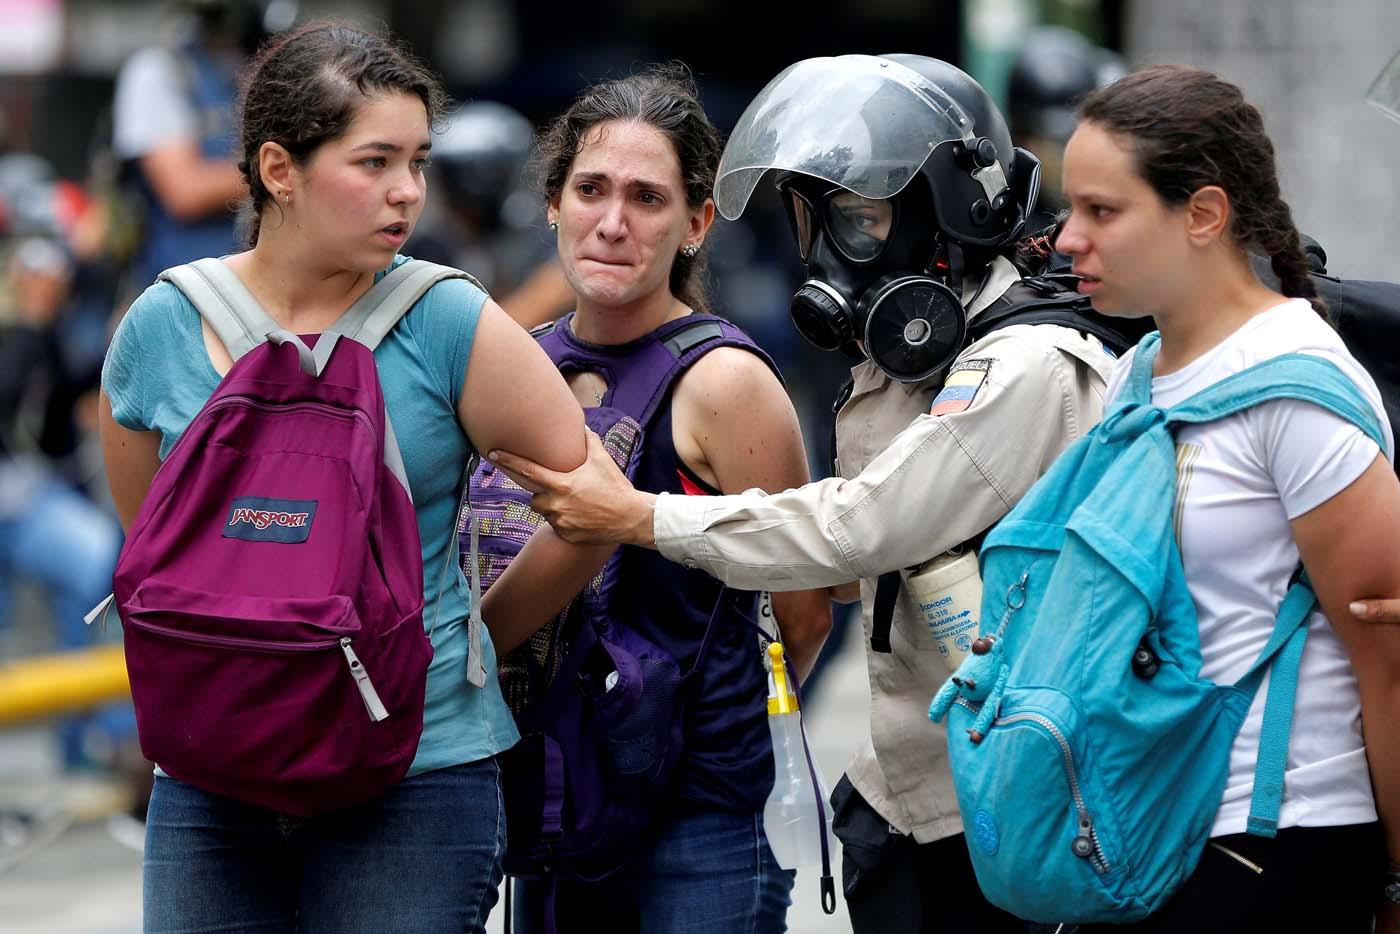 La policía detiene a estudiantes que manifestaban enCaracas, Venezuela June 29, 2017. REUTERS/Ivan Alvarado